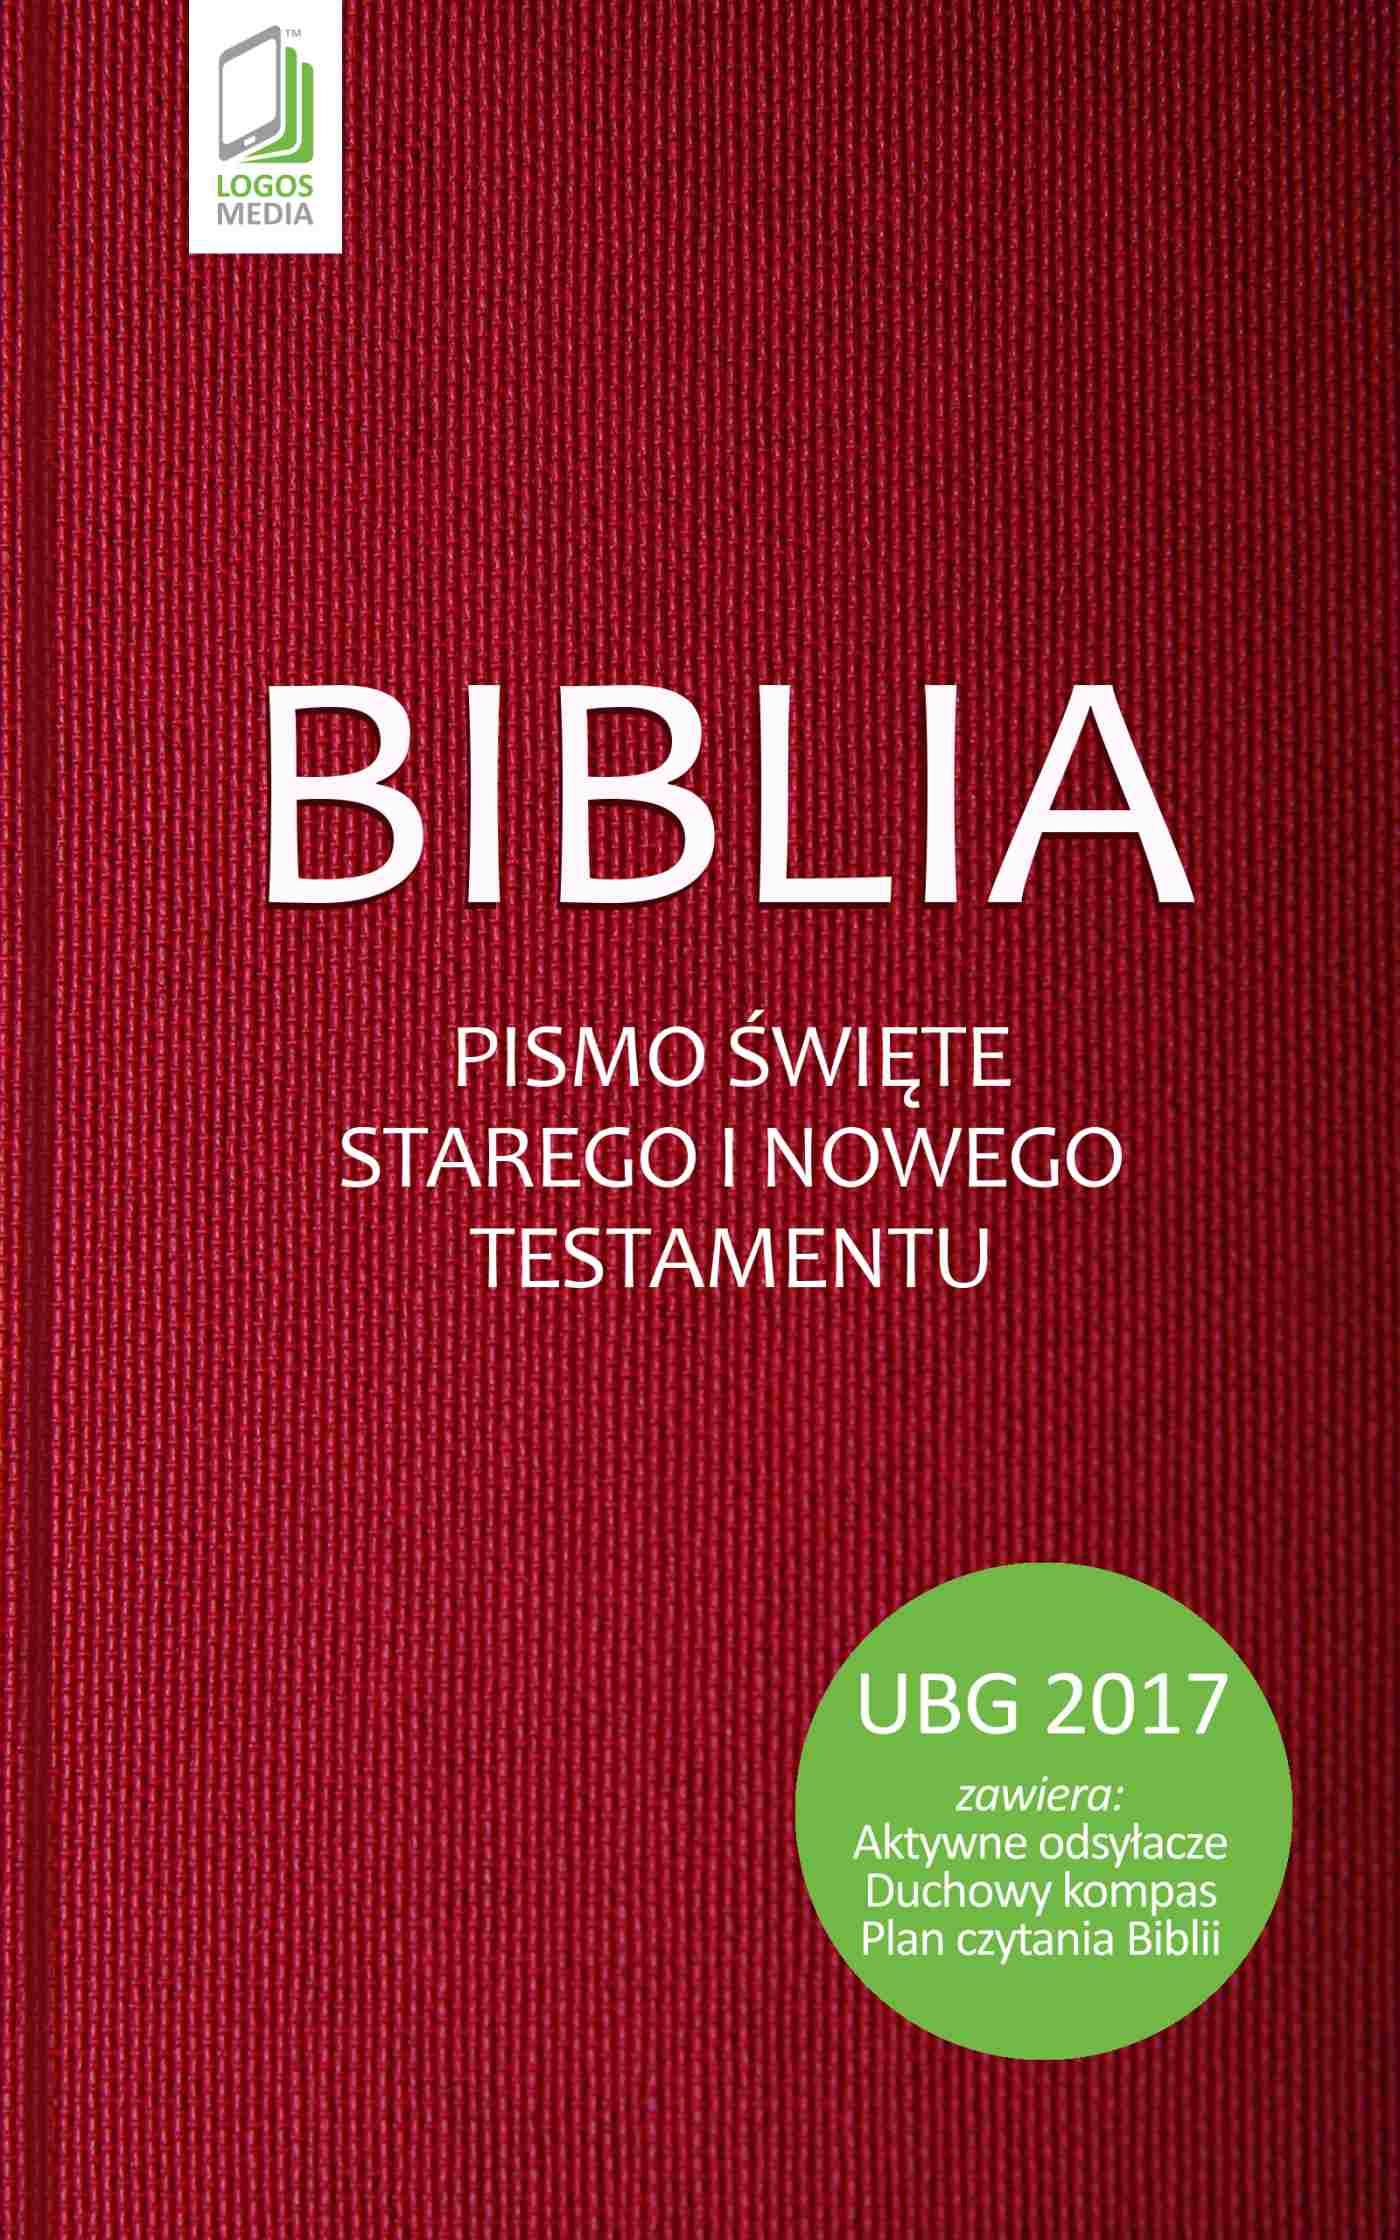 Biblia. Pismo Święte Starego i Nowego Testamentu (UBG) - Ebook (Książka EPUB) do pobrania w formacie EPUB